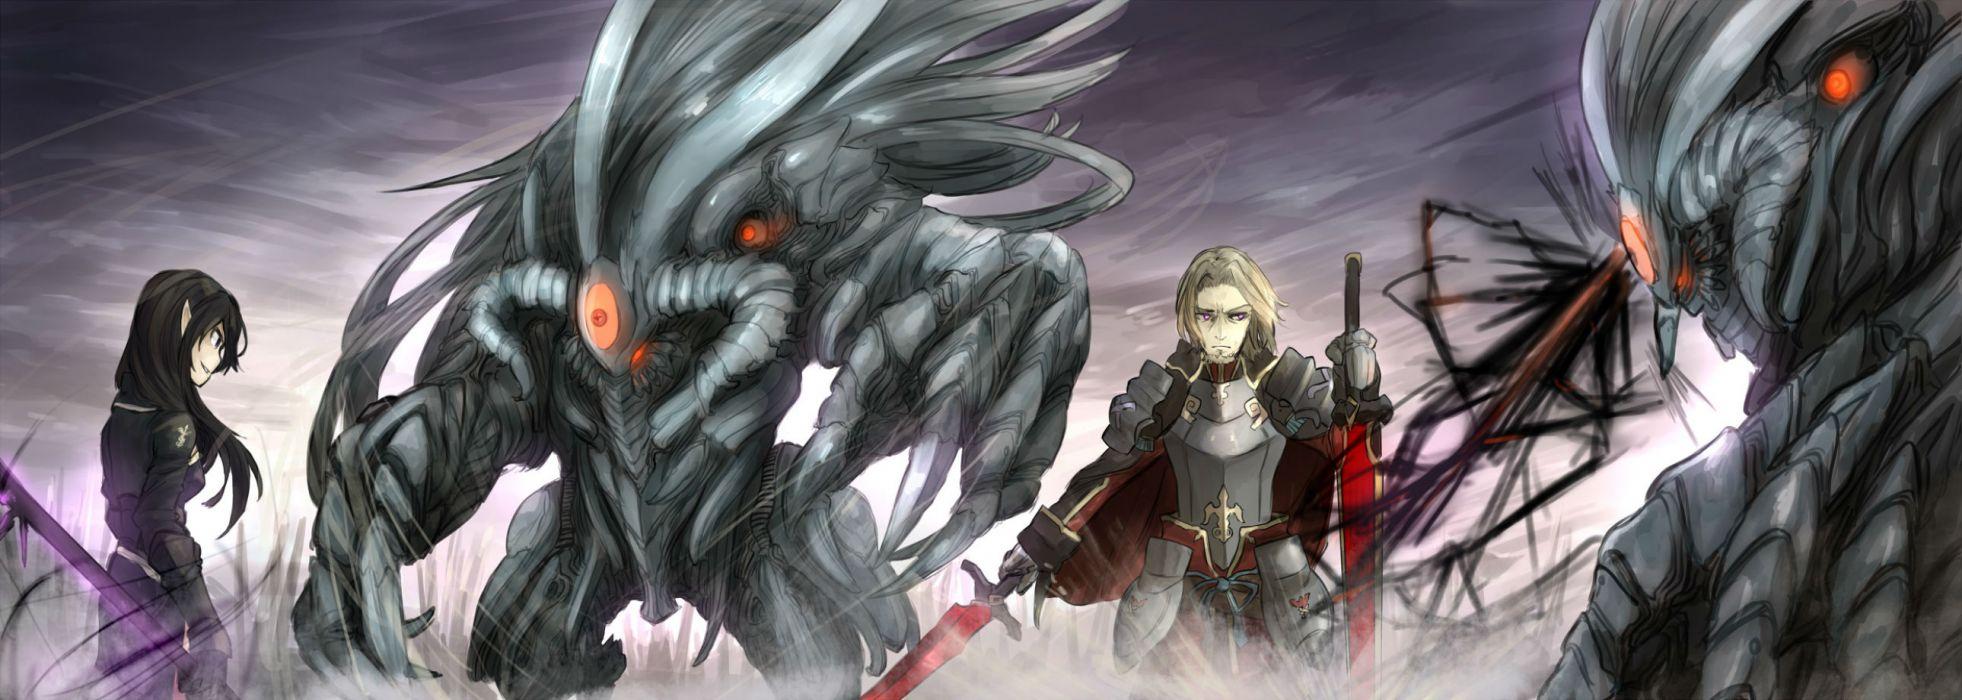 original armor black hair blonde hair original shiroganeusagi sword weapon wallpaper